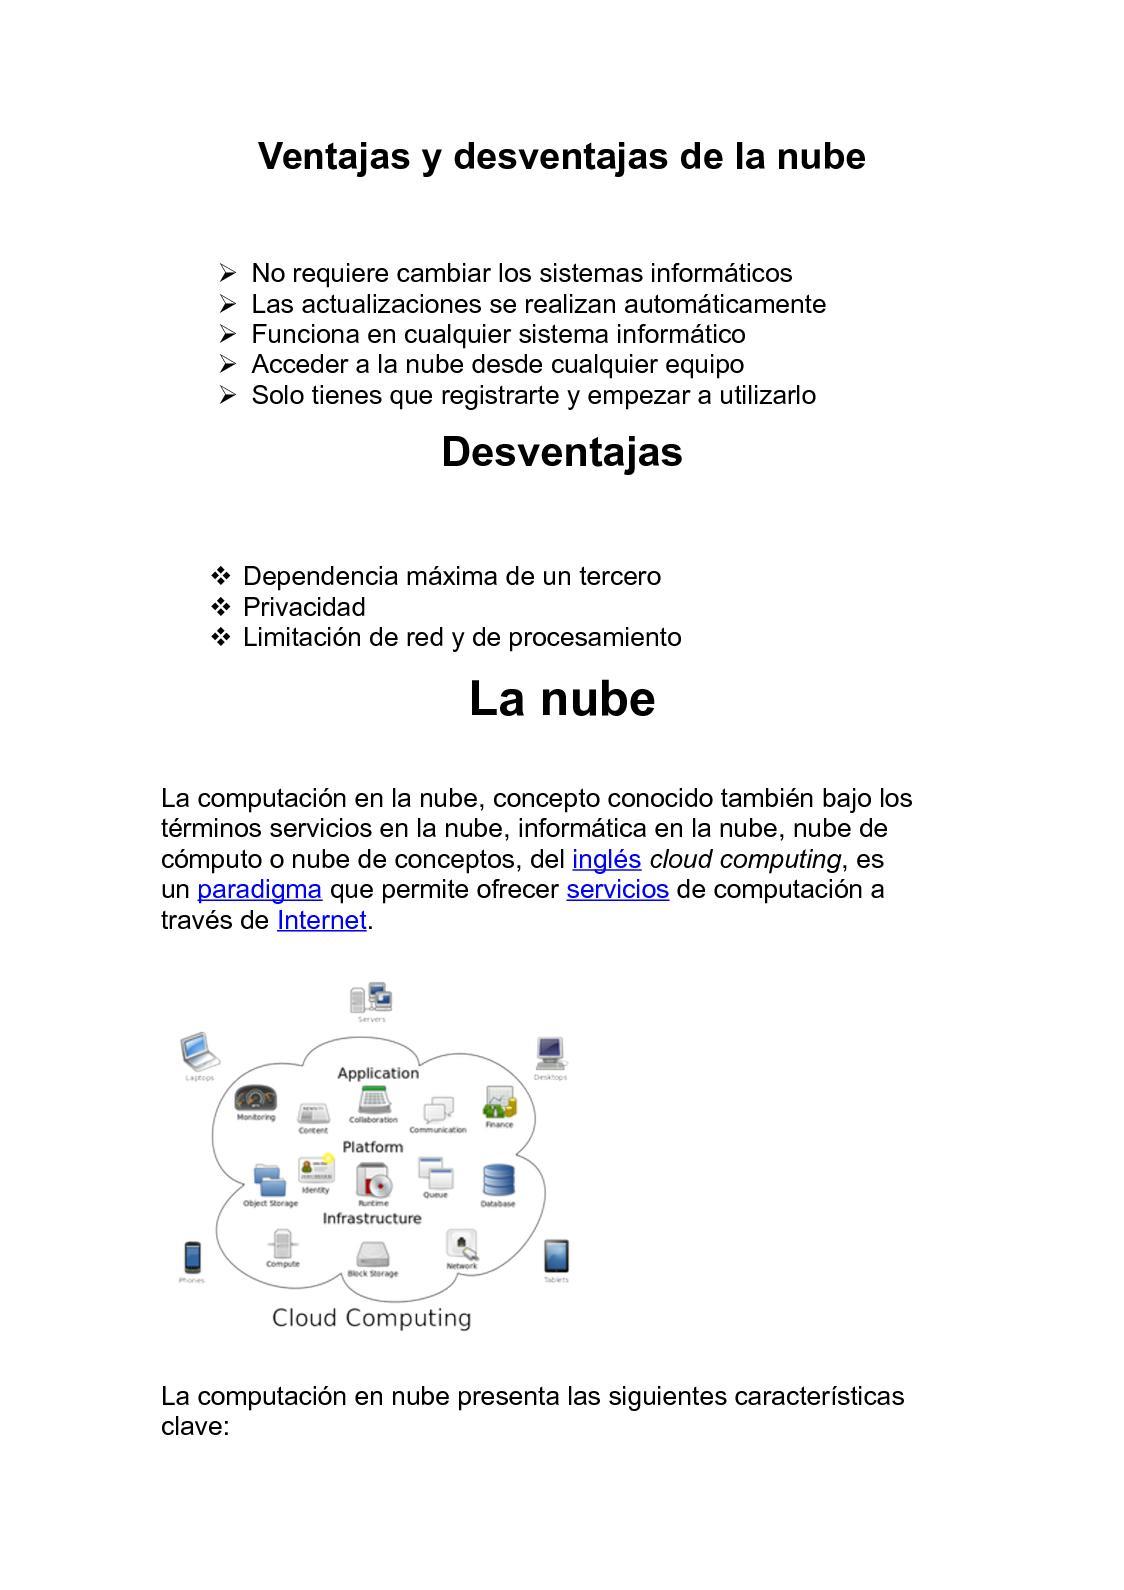 Calameo Ventajas Y Desventajas De La Nube